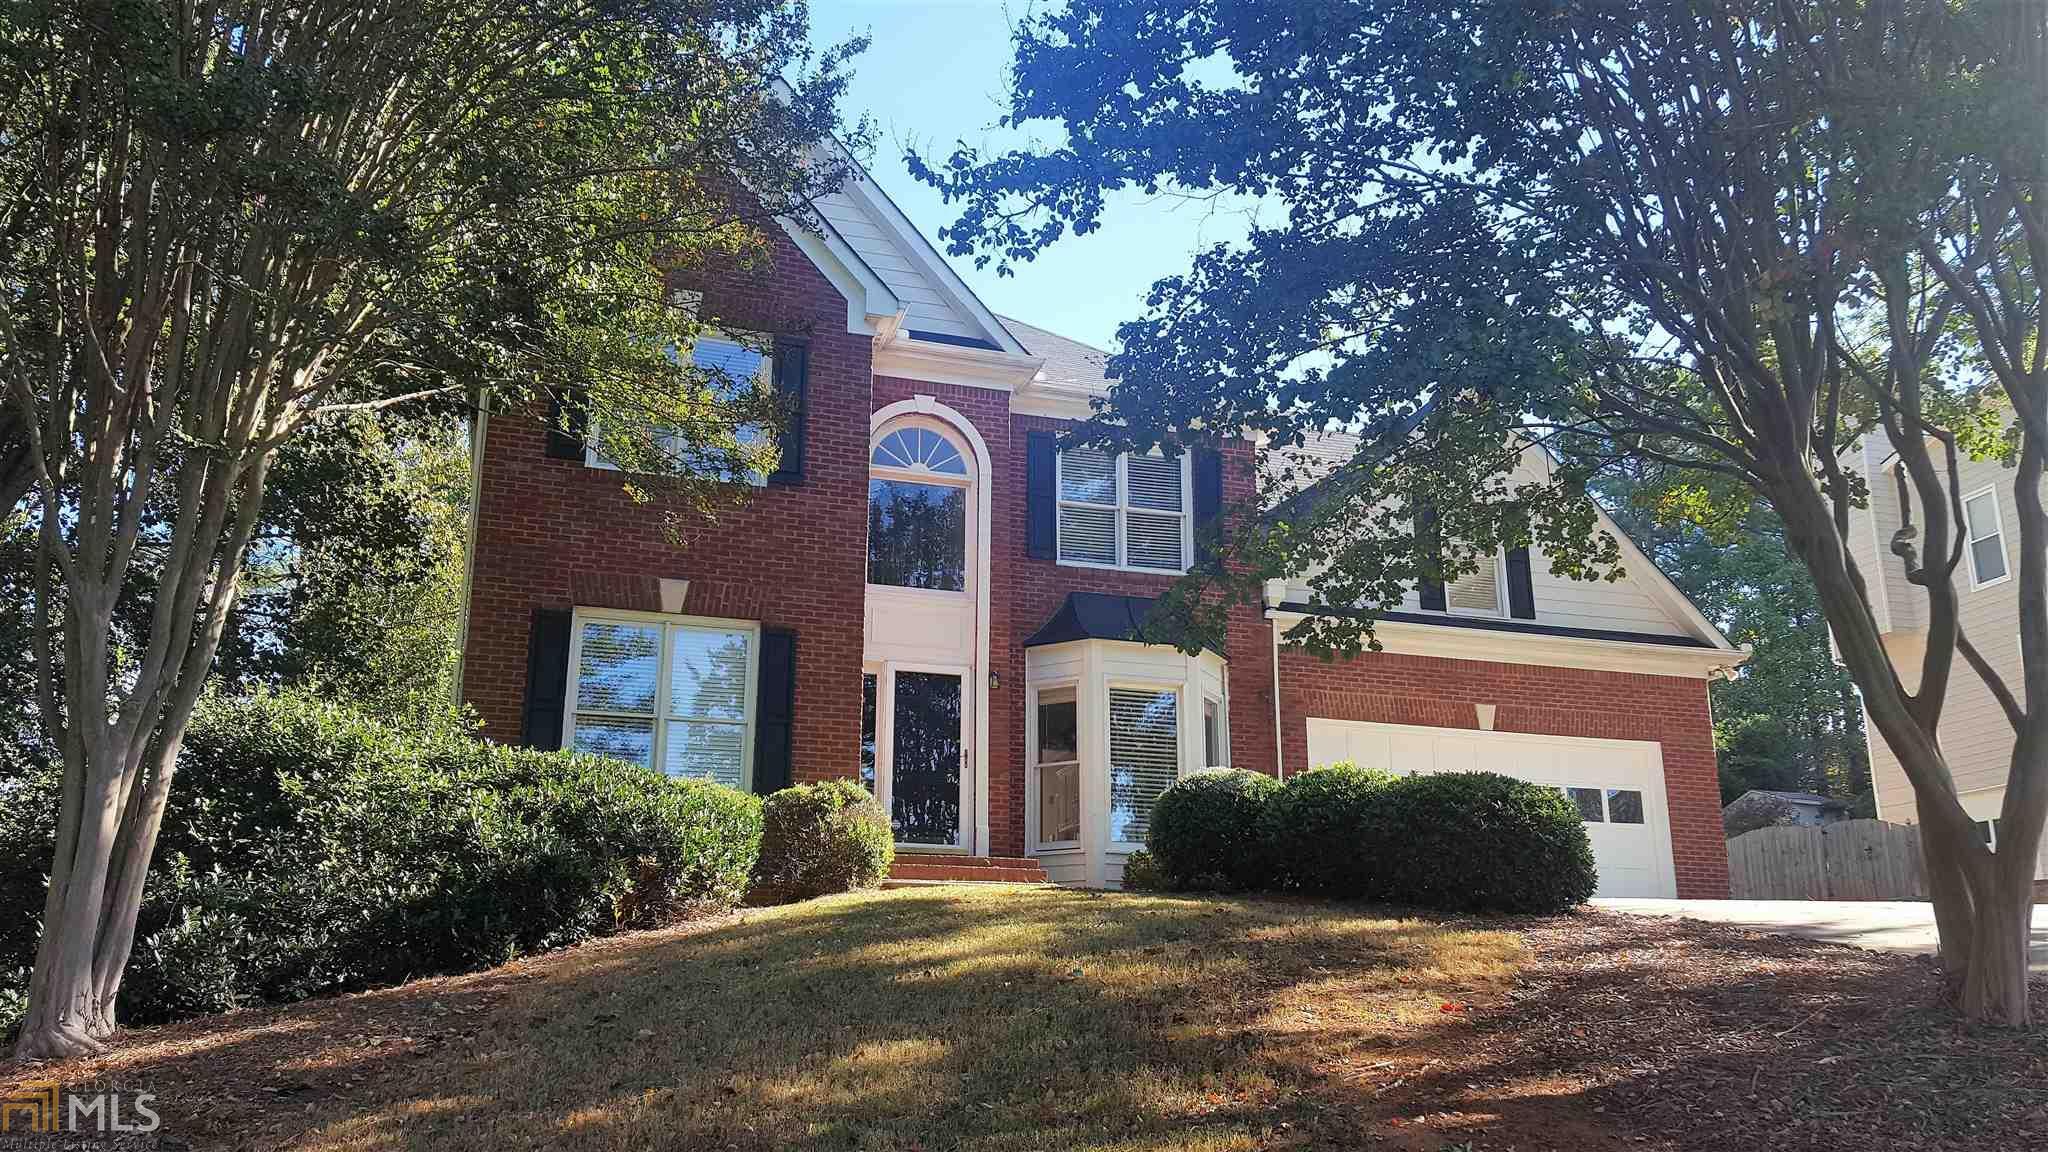 310 Riverbirch Lane, Lawrenceville, GA 30044